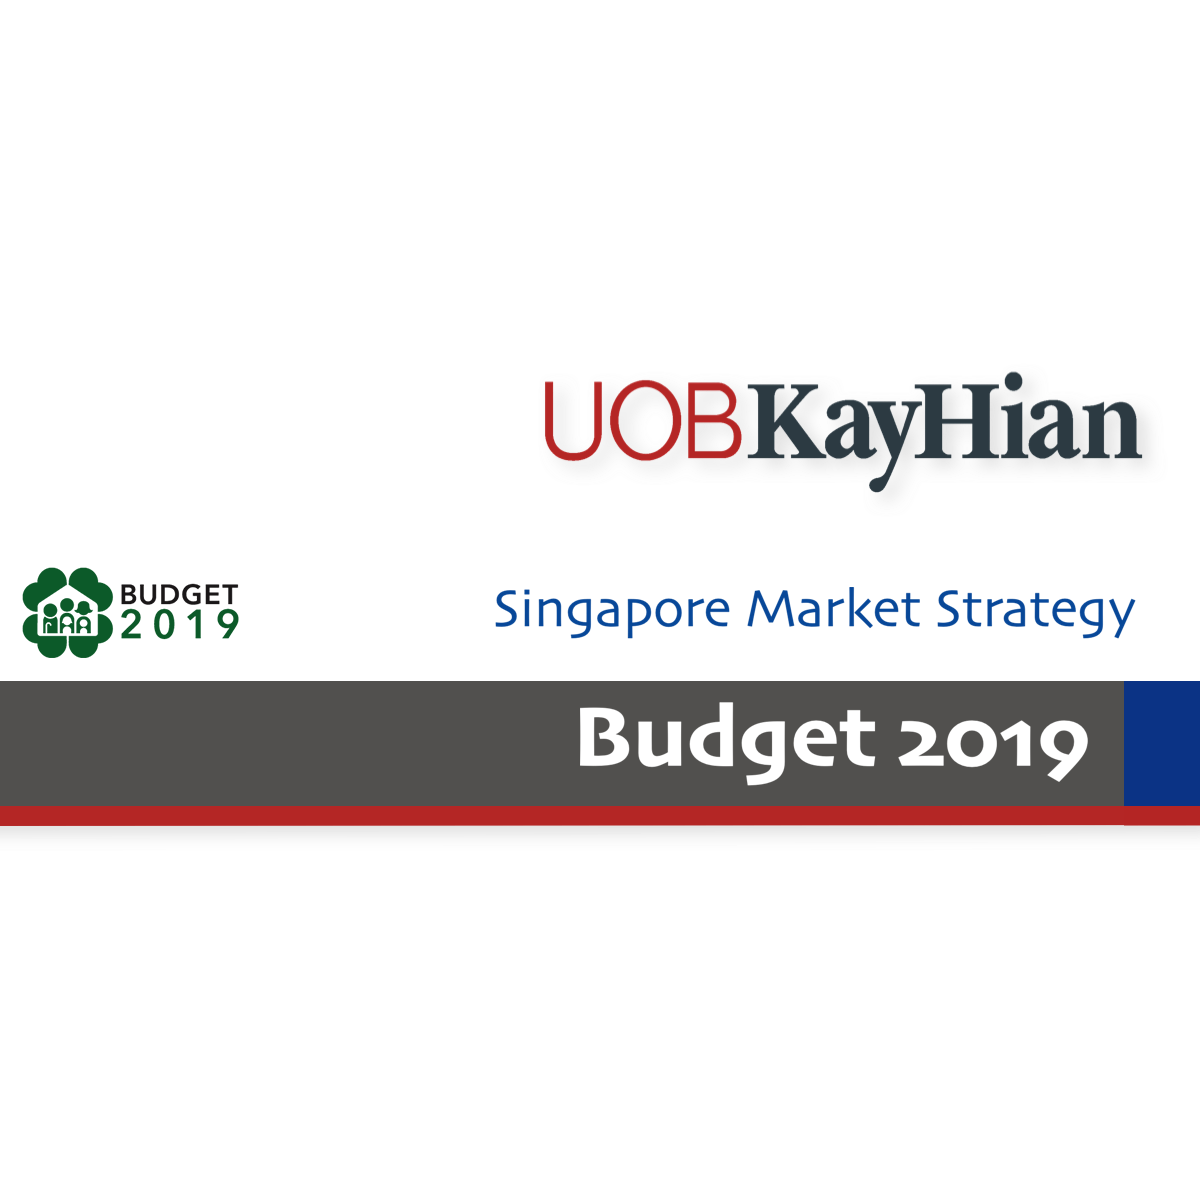 SG Budget 2019 - UOB Kay Hian Research | SGinvestors.io